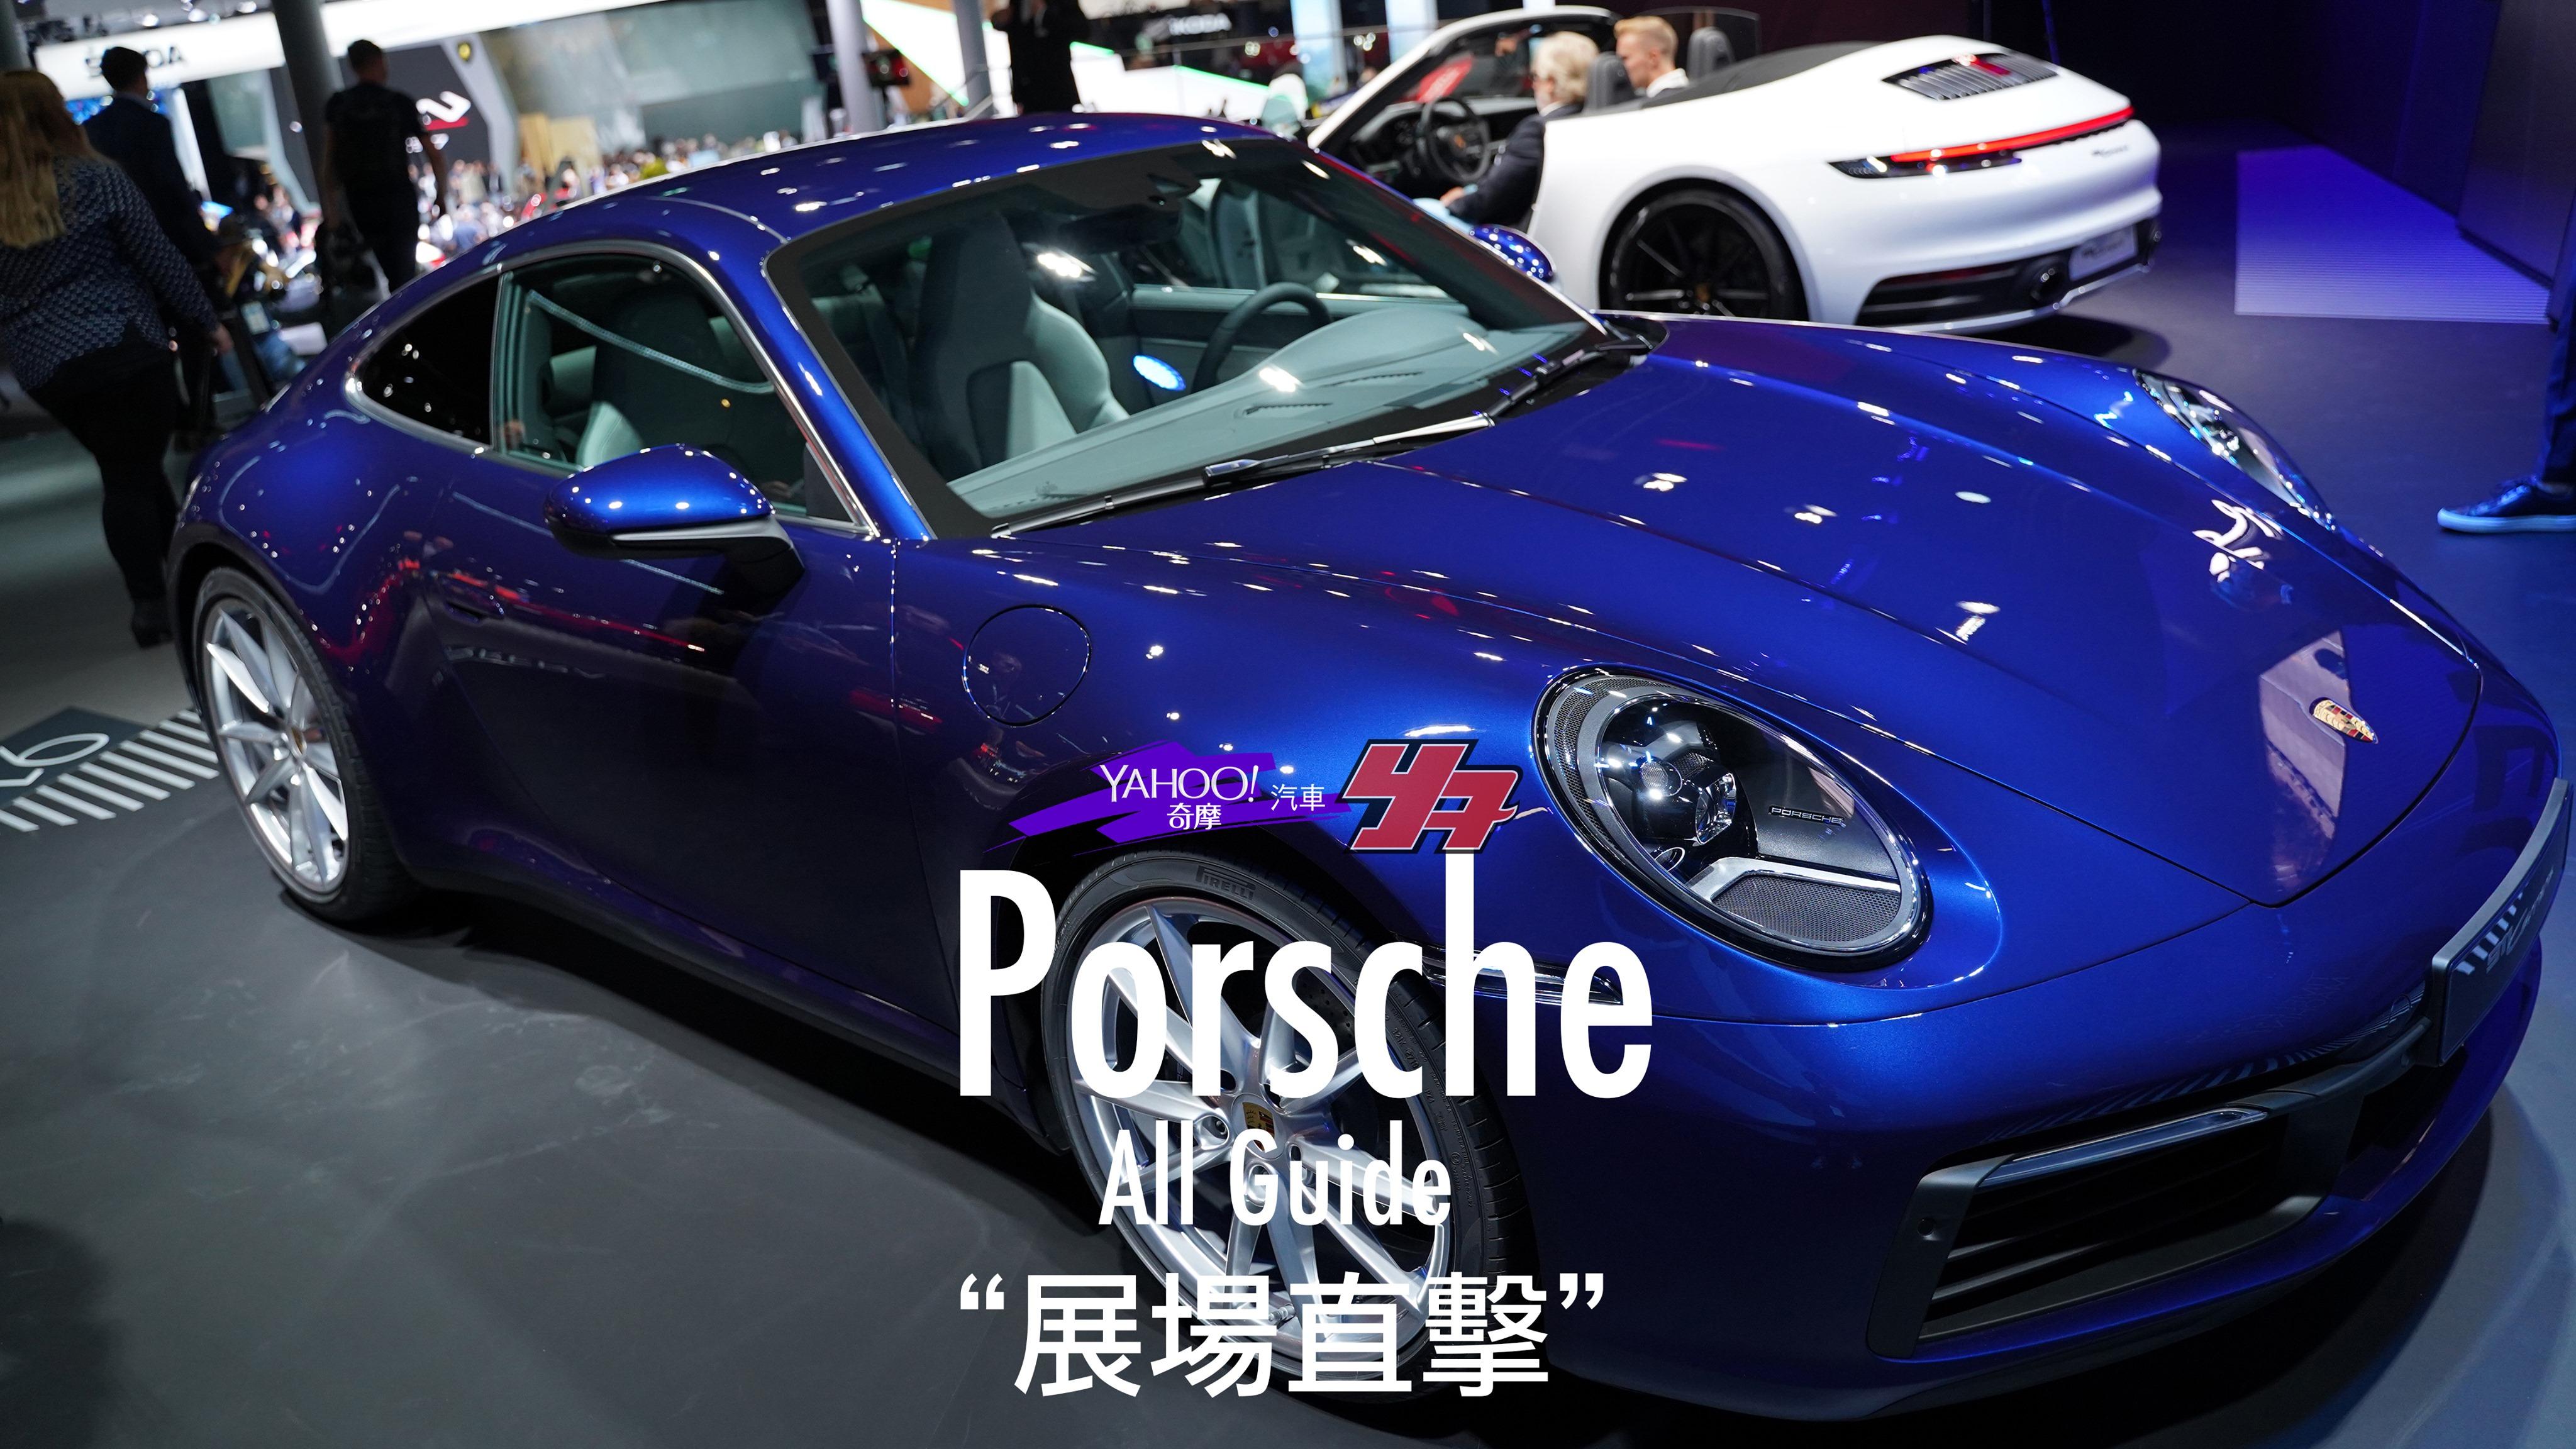 【2019法蘭克福車展直擊】難以抵擋的斯圖加特武士!更多的Porsche精銳一次盡出!